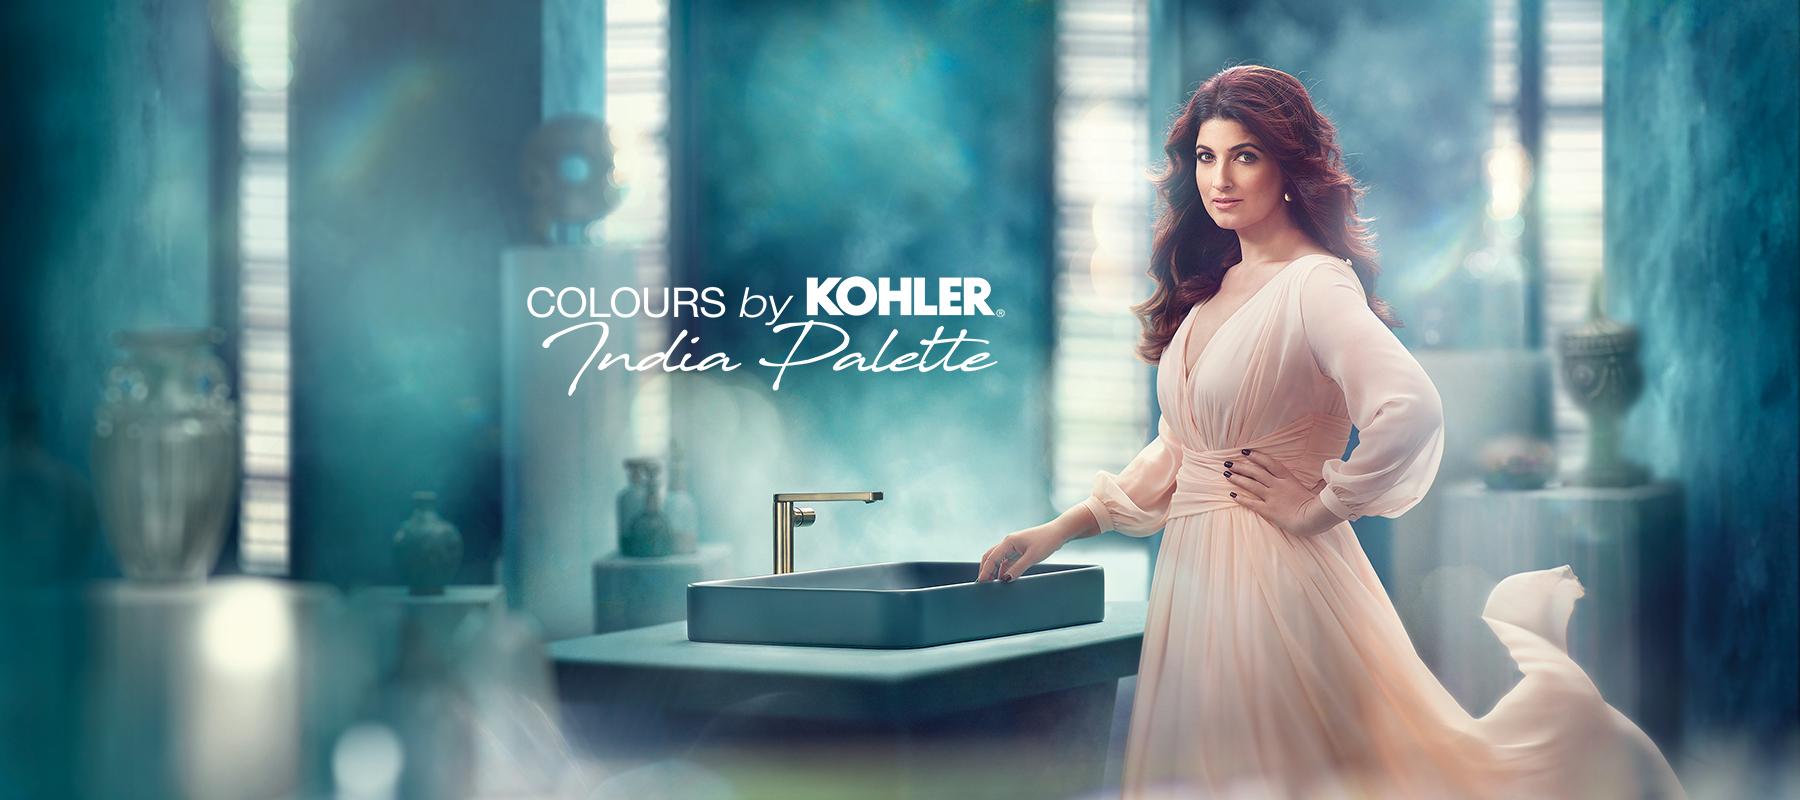 Kohler Faucets, Bathroom Sinks, Toilets, Showering   Kohler